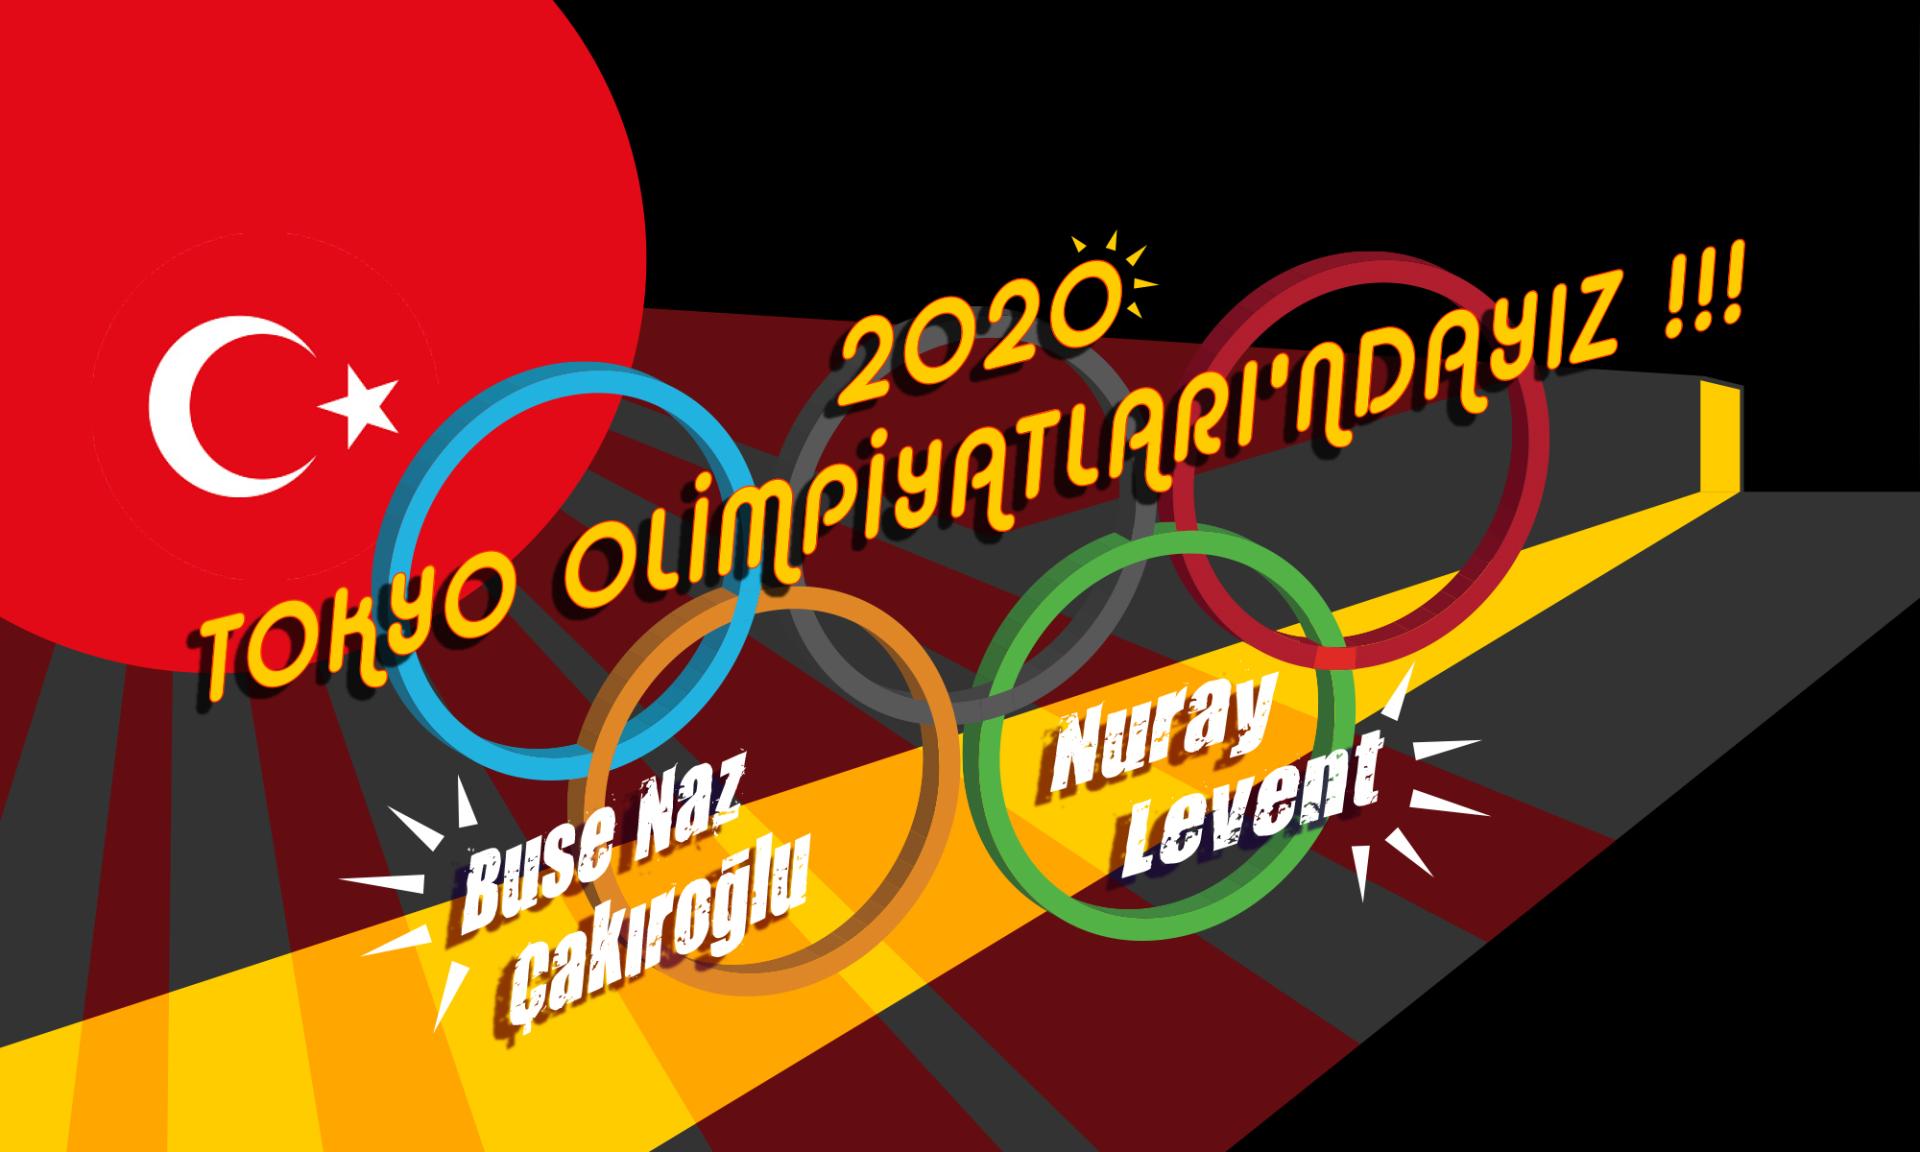 2020 Tokyo Olimpiyatları'nda Kalbimiz Öğrencimiz Nuray Levent'le